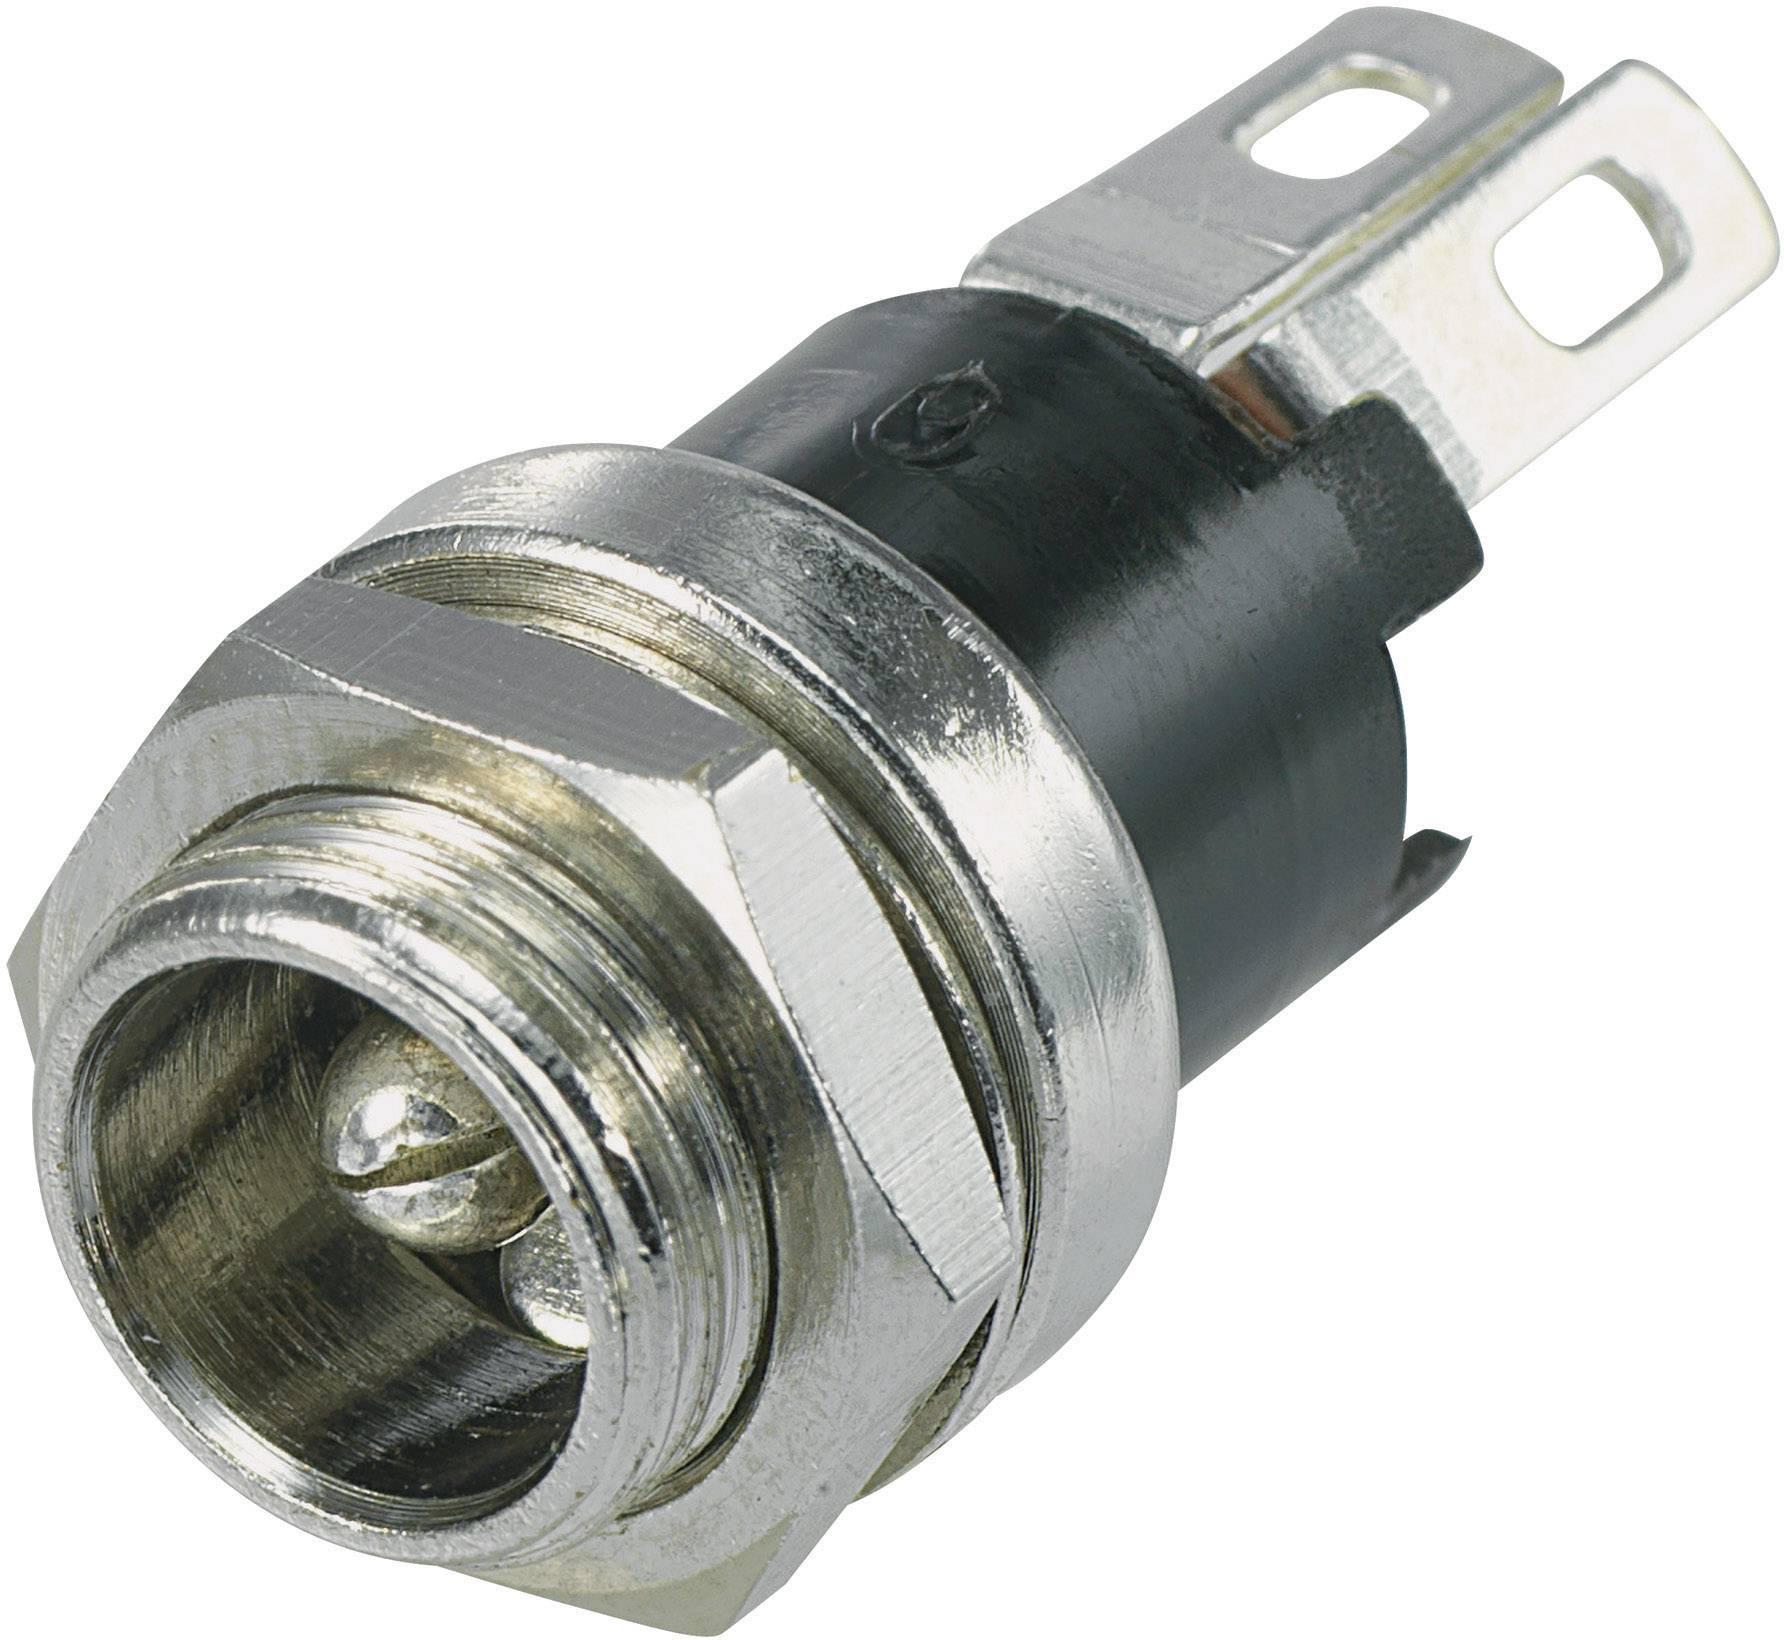 Einbau vertikal  5.8 mm 2.1 mm TRU COMPONENTS  Niedervolt-Steckverbinder Buchse